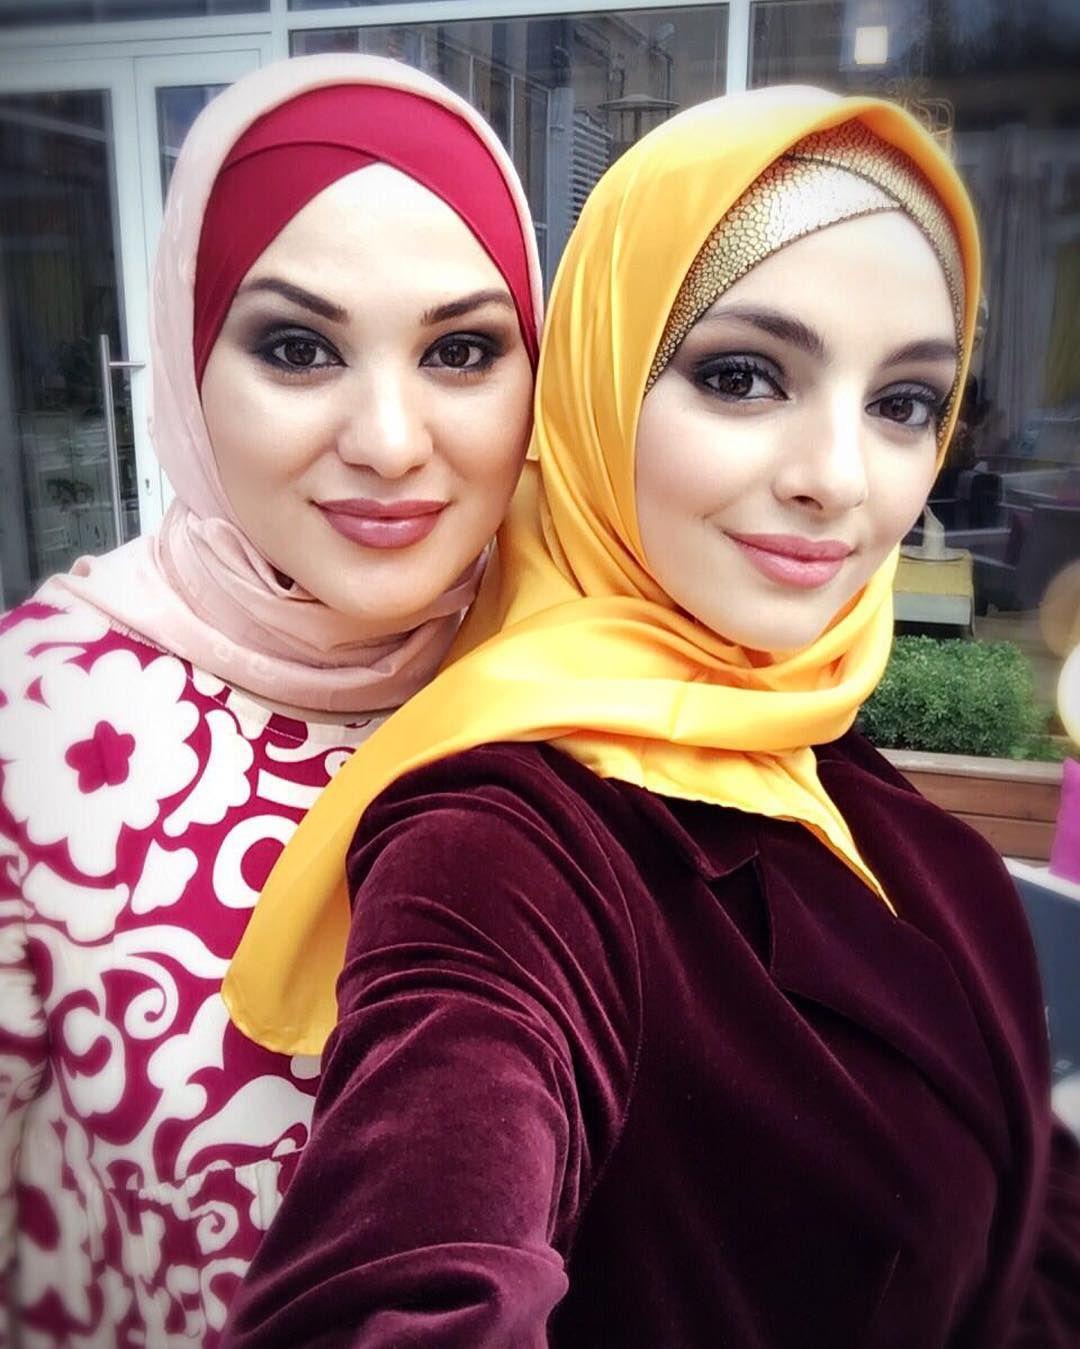 Pin By Mohammad Wasim On Bab In 2018 Pinterest Muslim Women Busana Abaya Layla Phasmina Beautiful Hijab Styles Pashmina Scarf Fashion Beauty